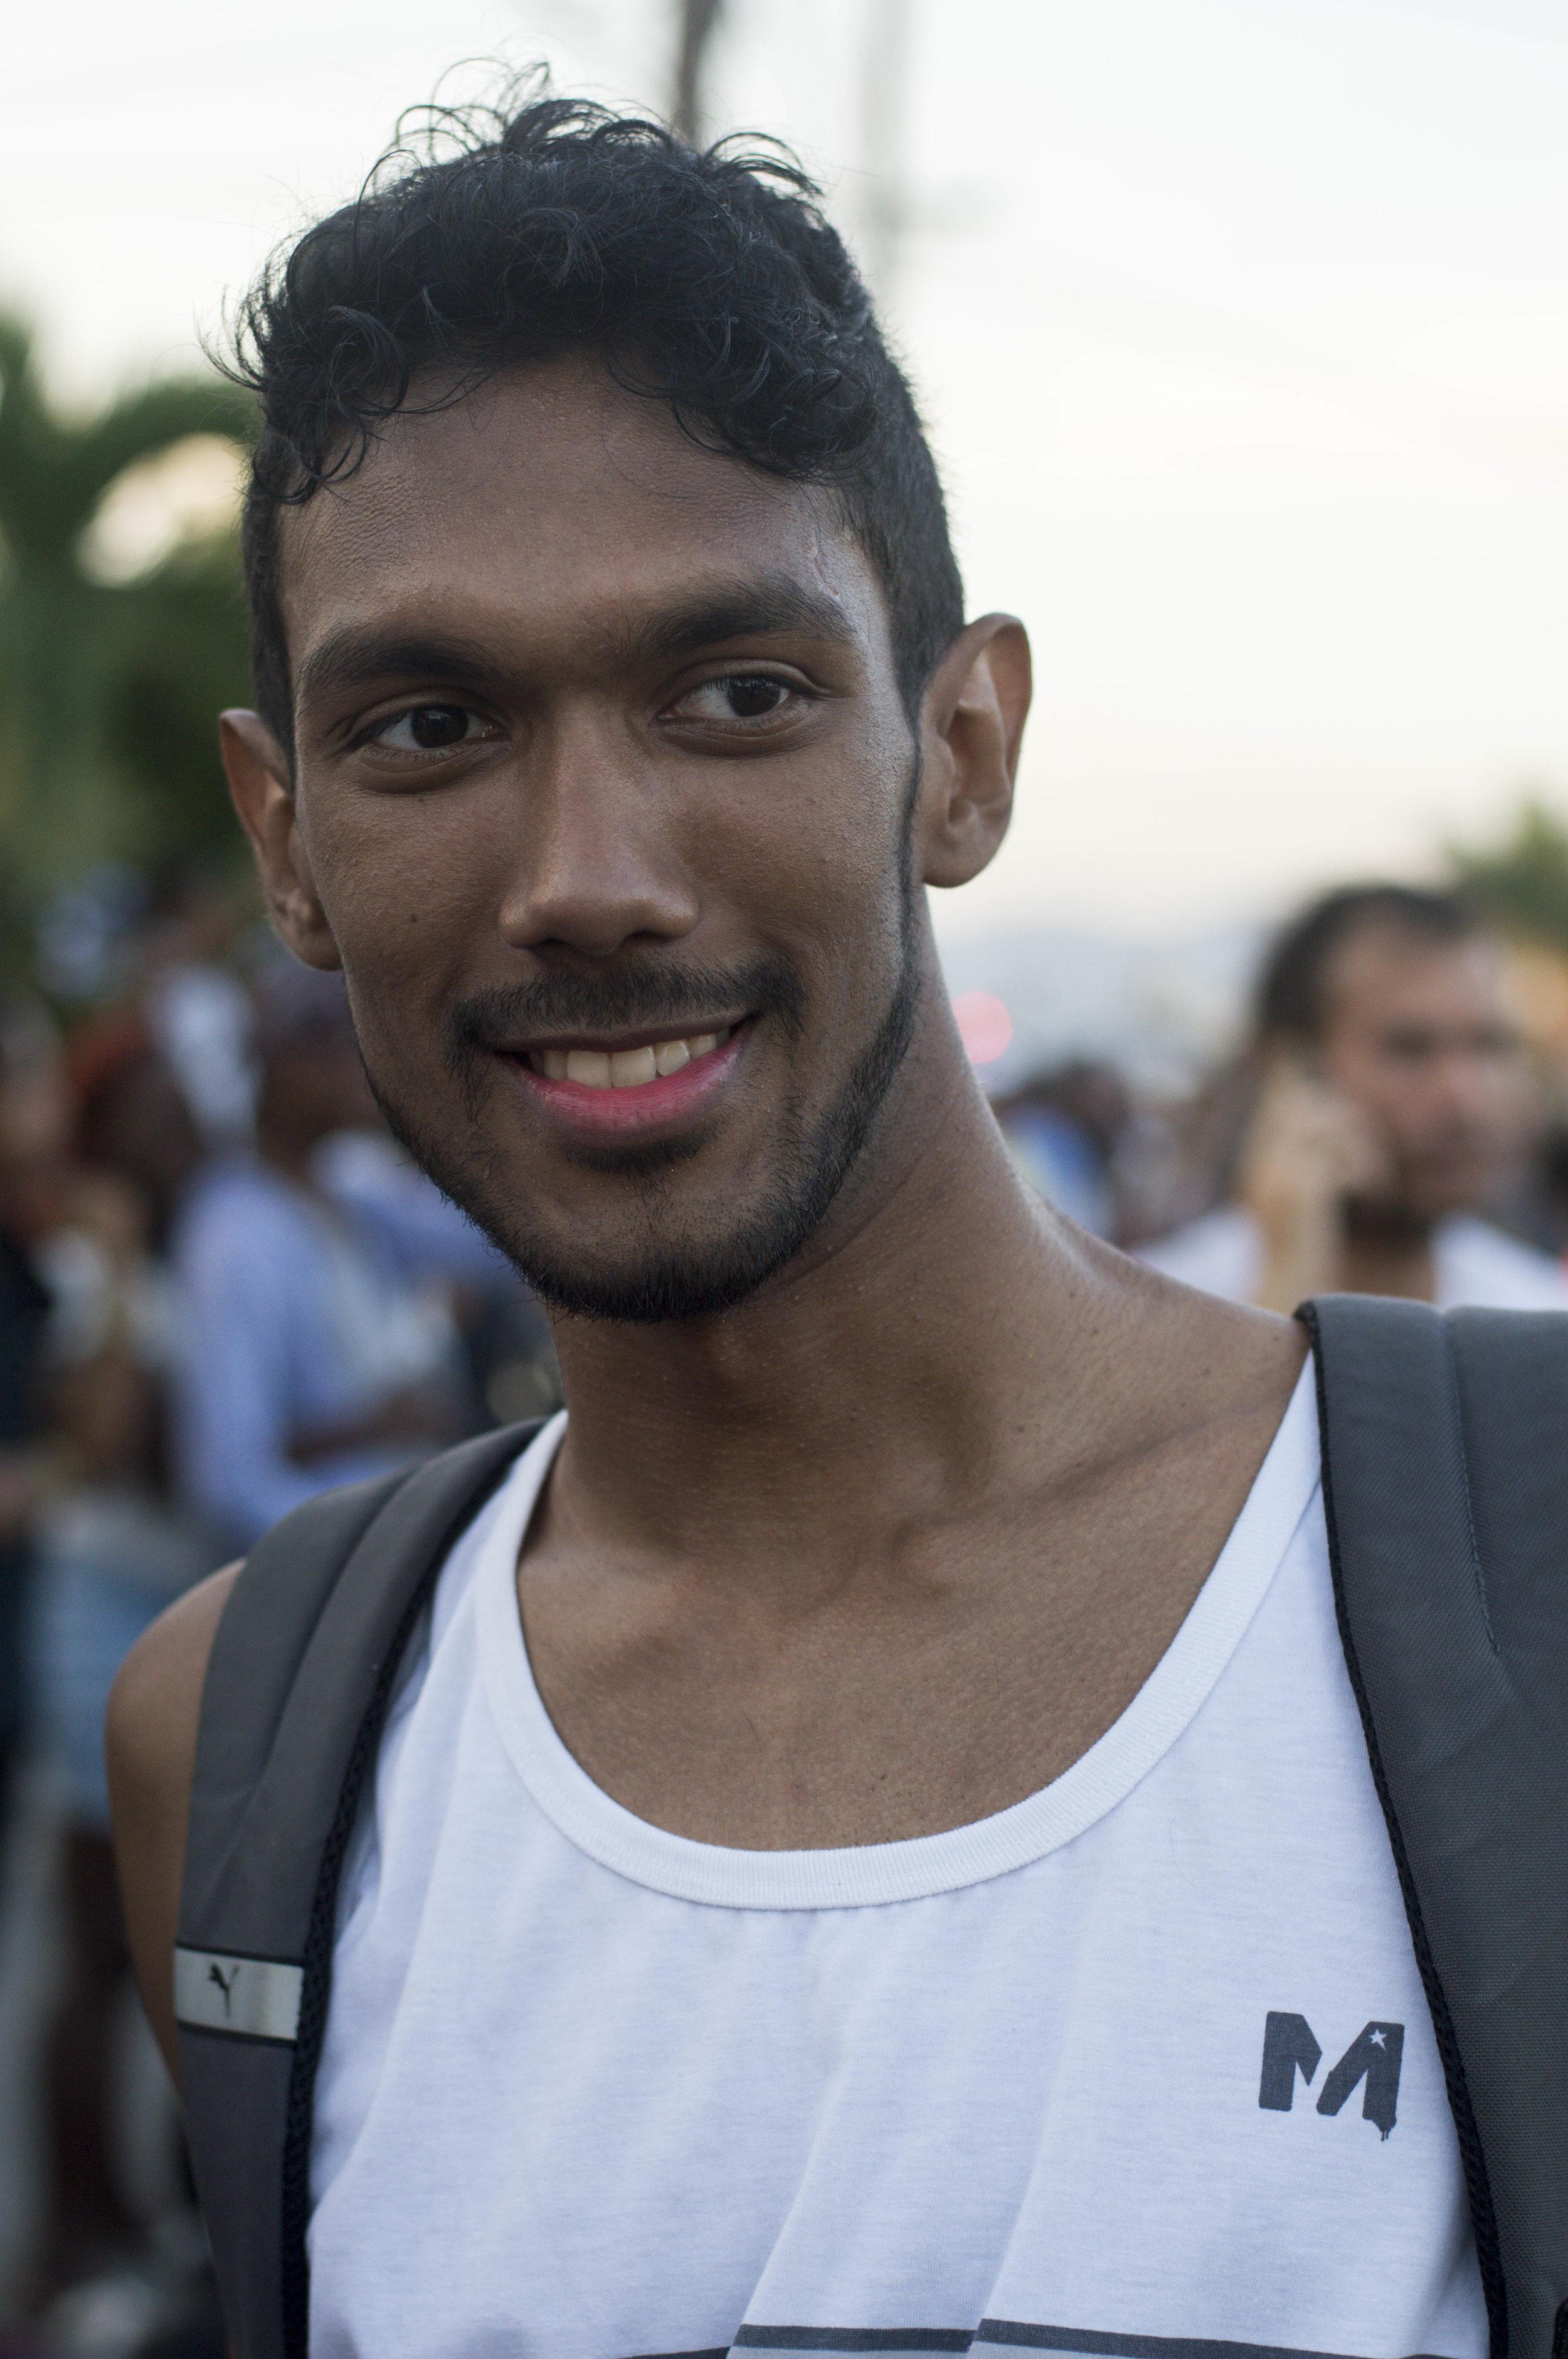 carnival2019_jeanalindo-65.jpg